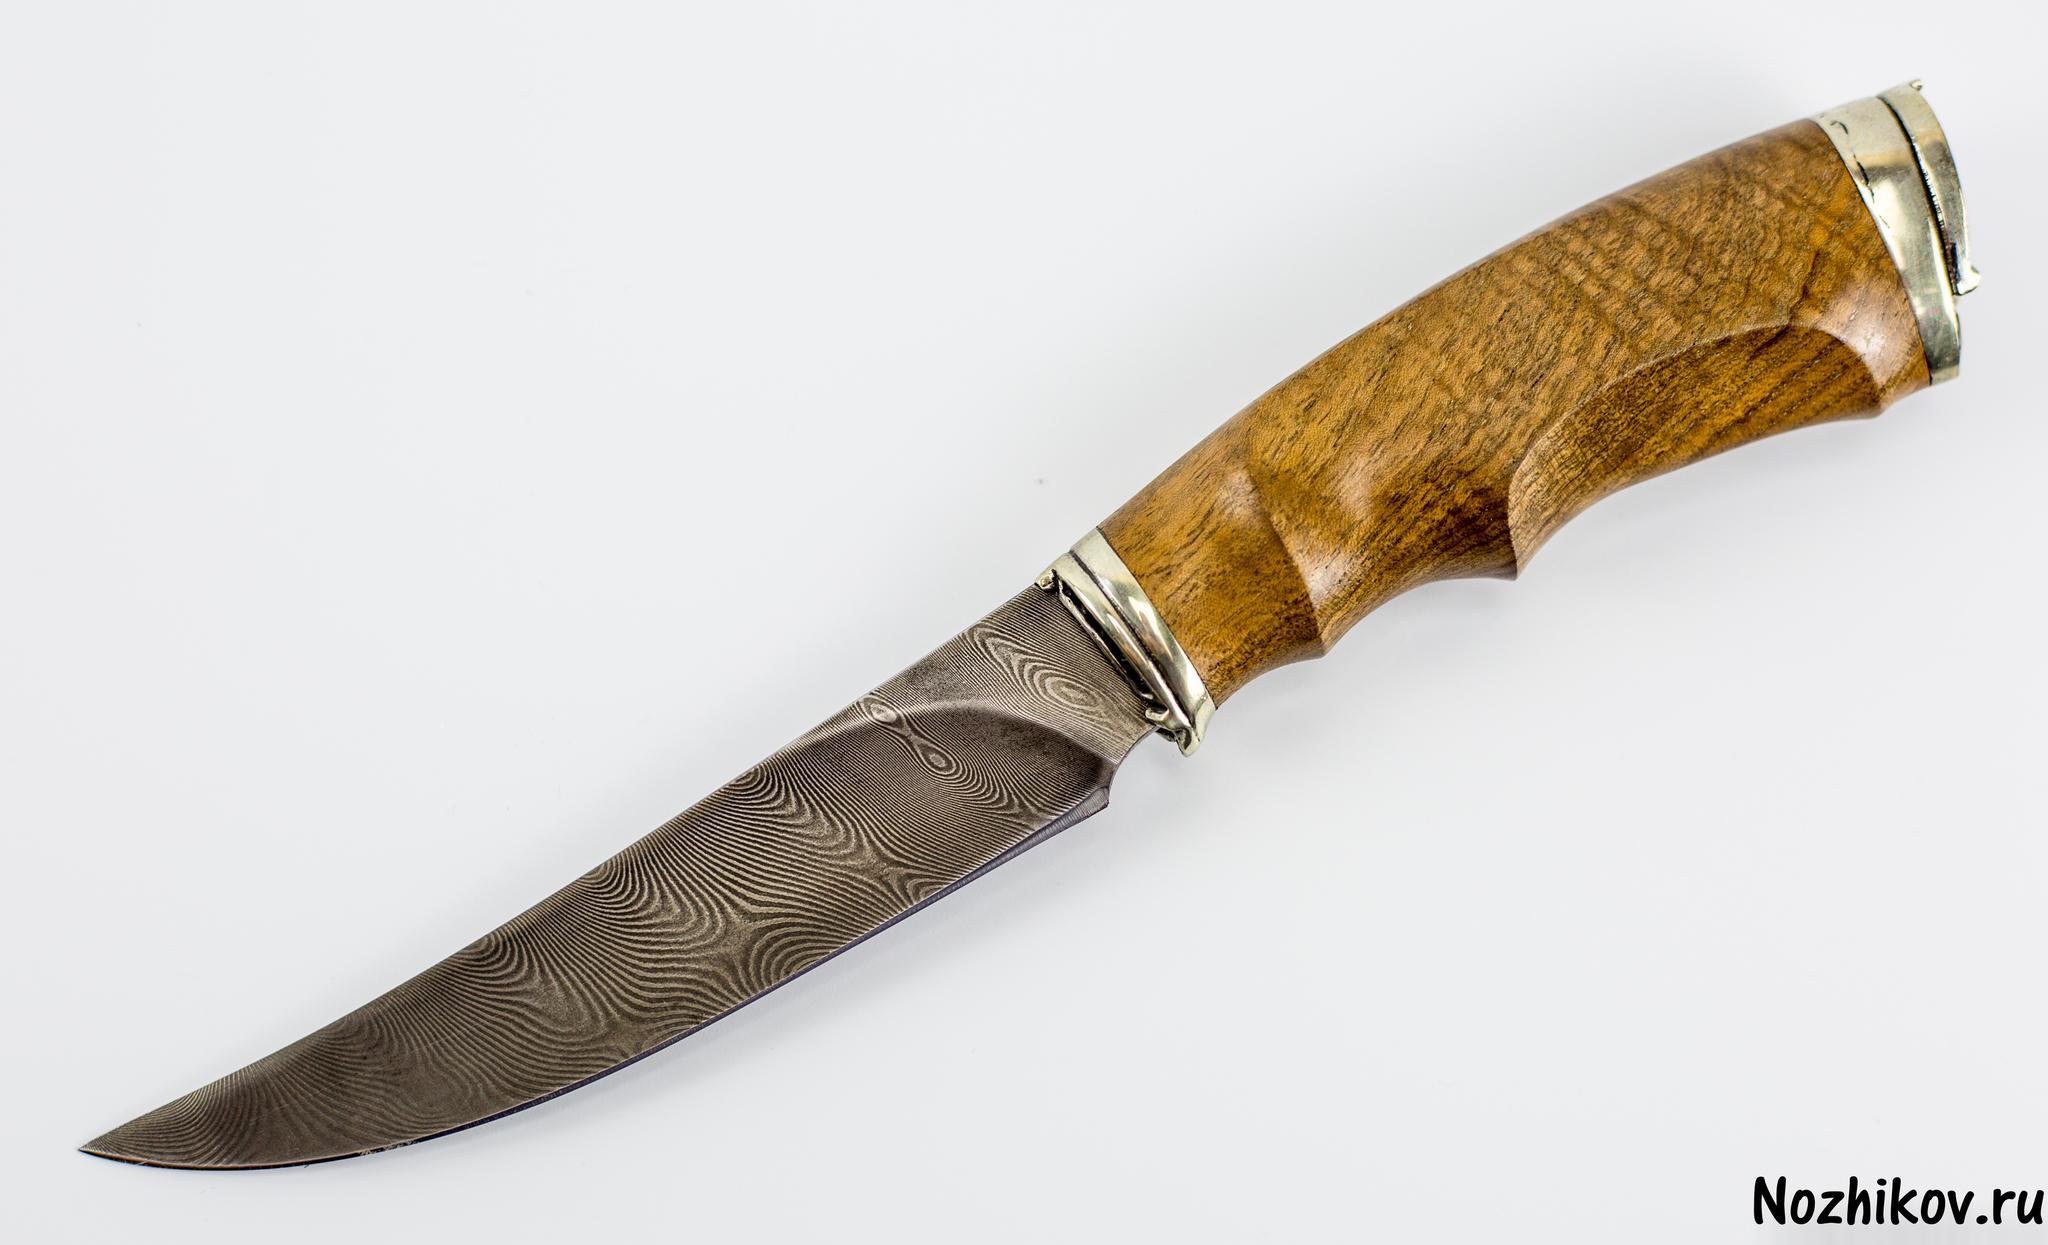 Авторский Нож из Дамаска №10, КизлярНожи Кизляр<br><br>